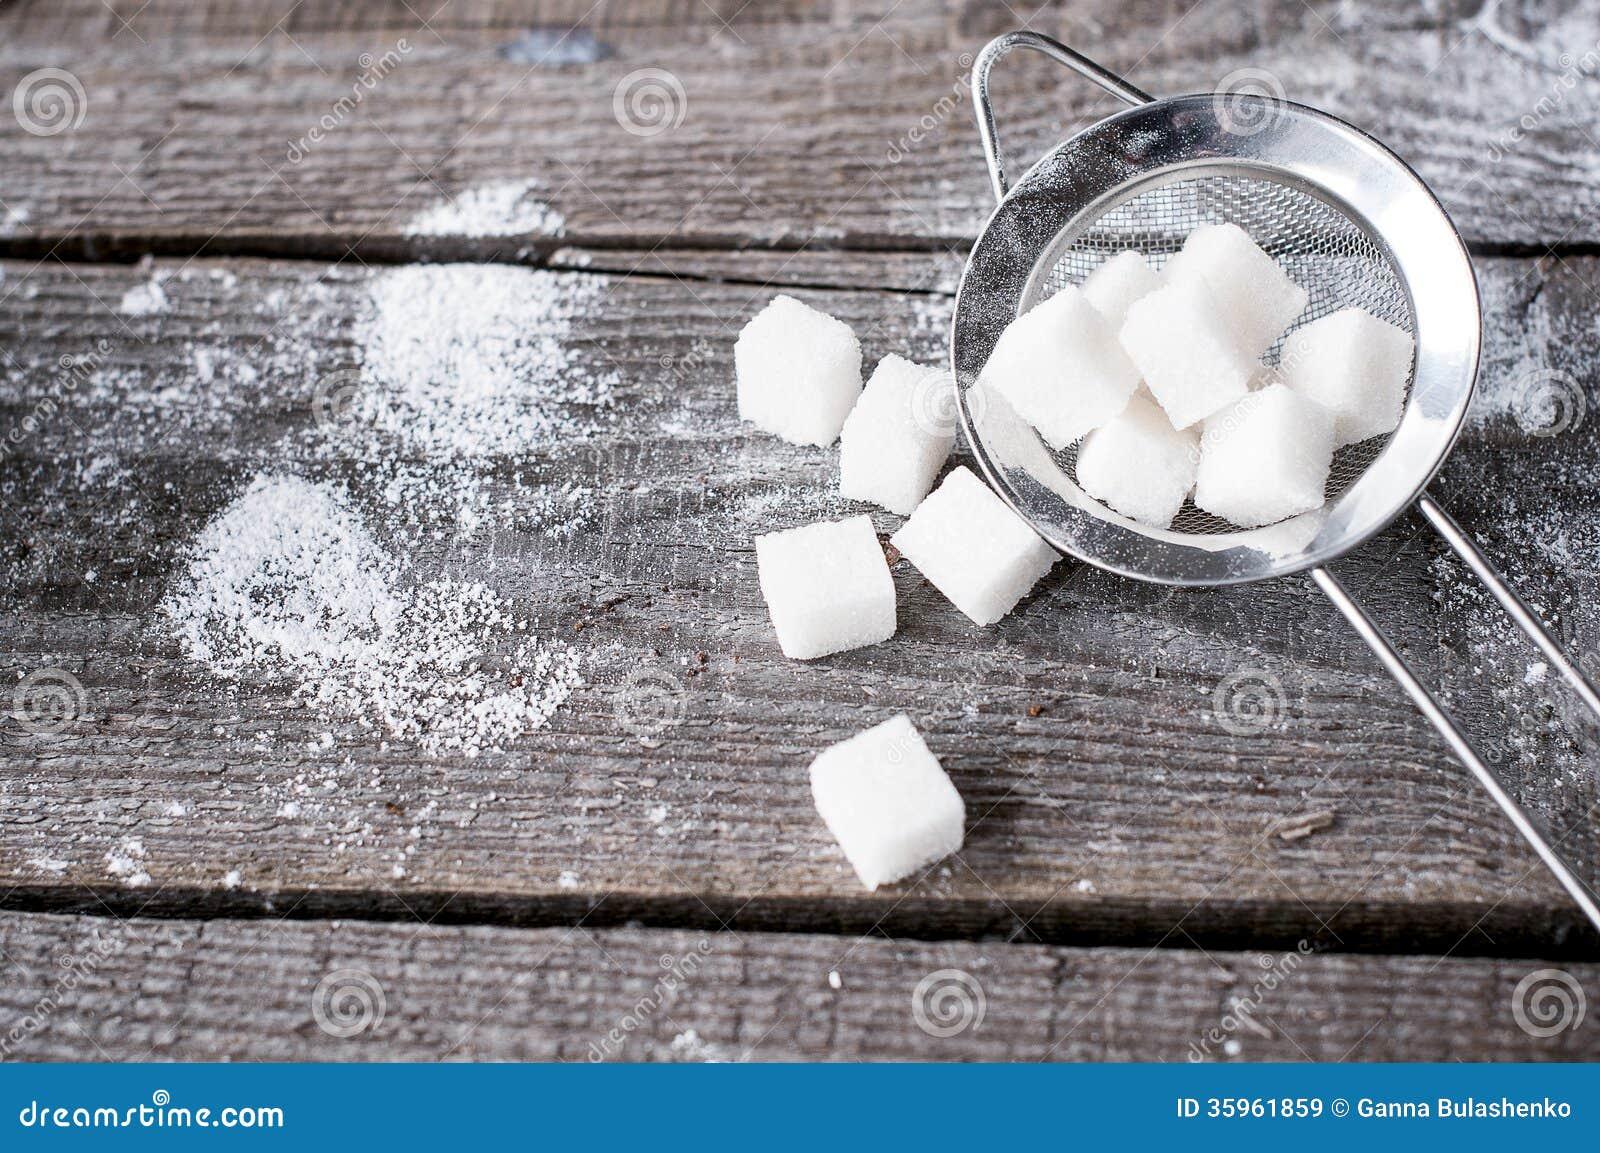 Azúcar de terrón en un tamiz s del metal en fondo de madera.